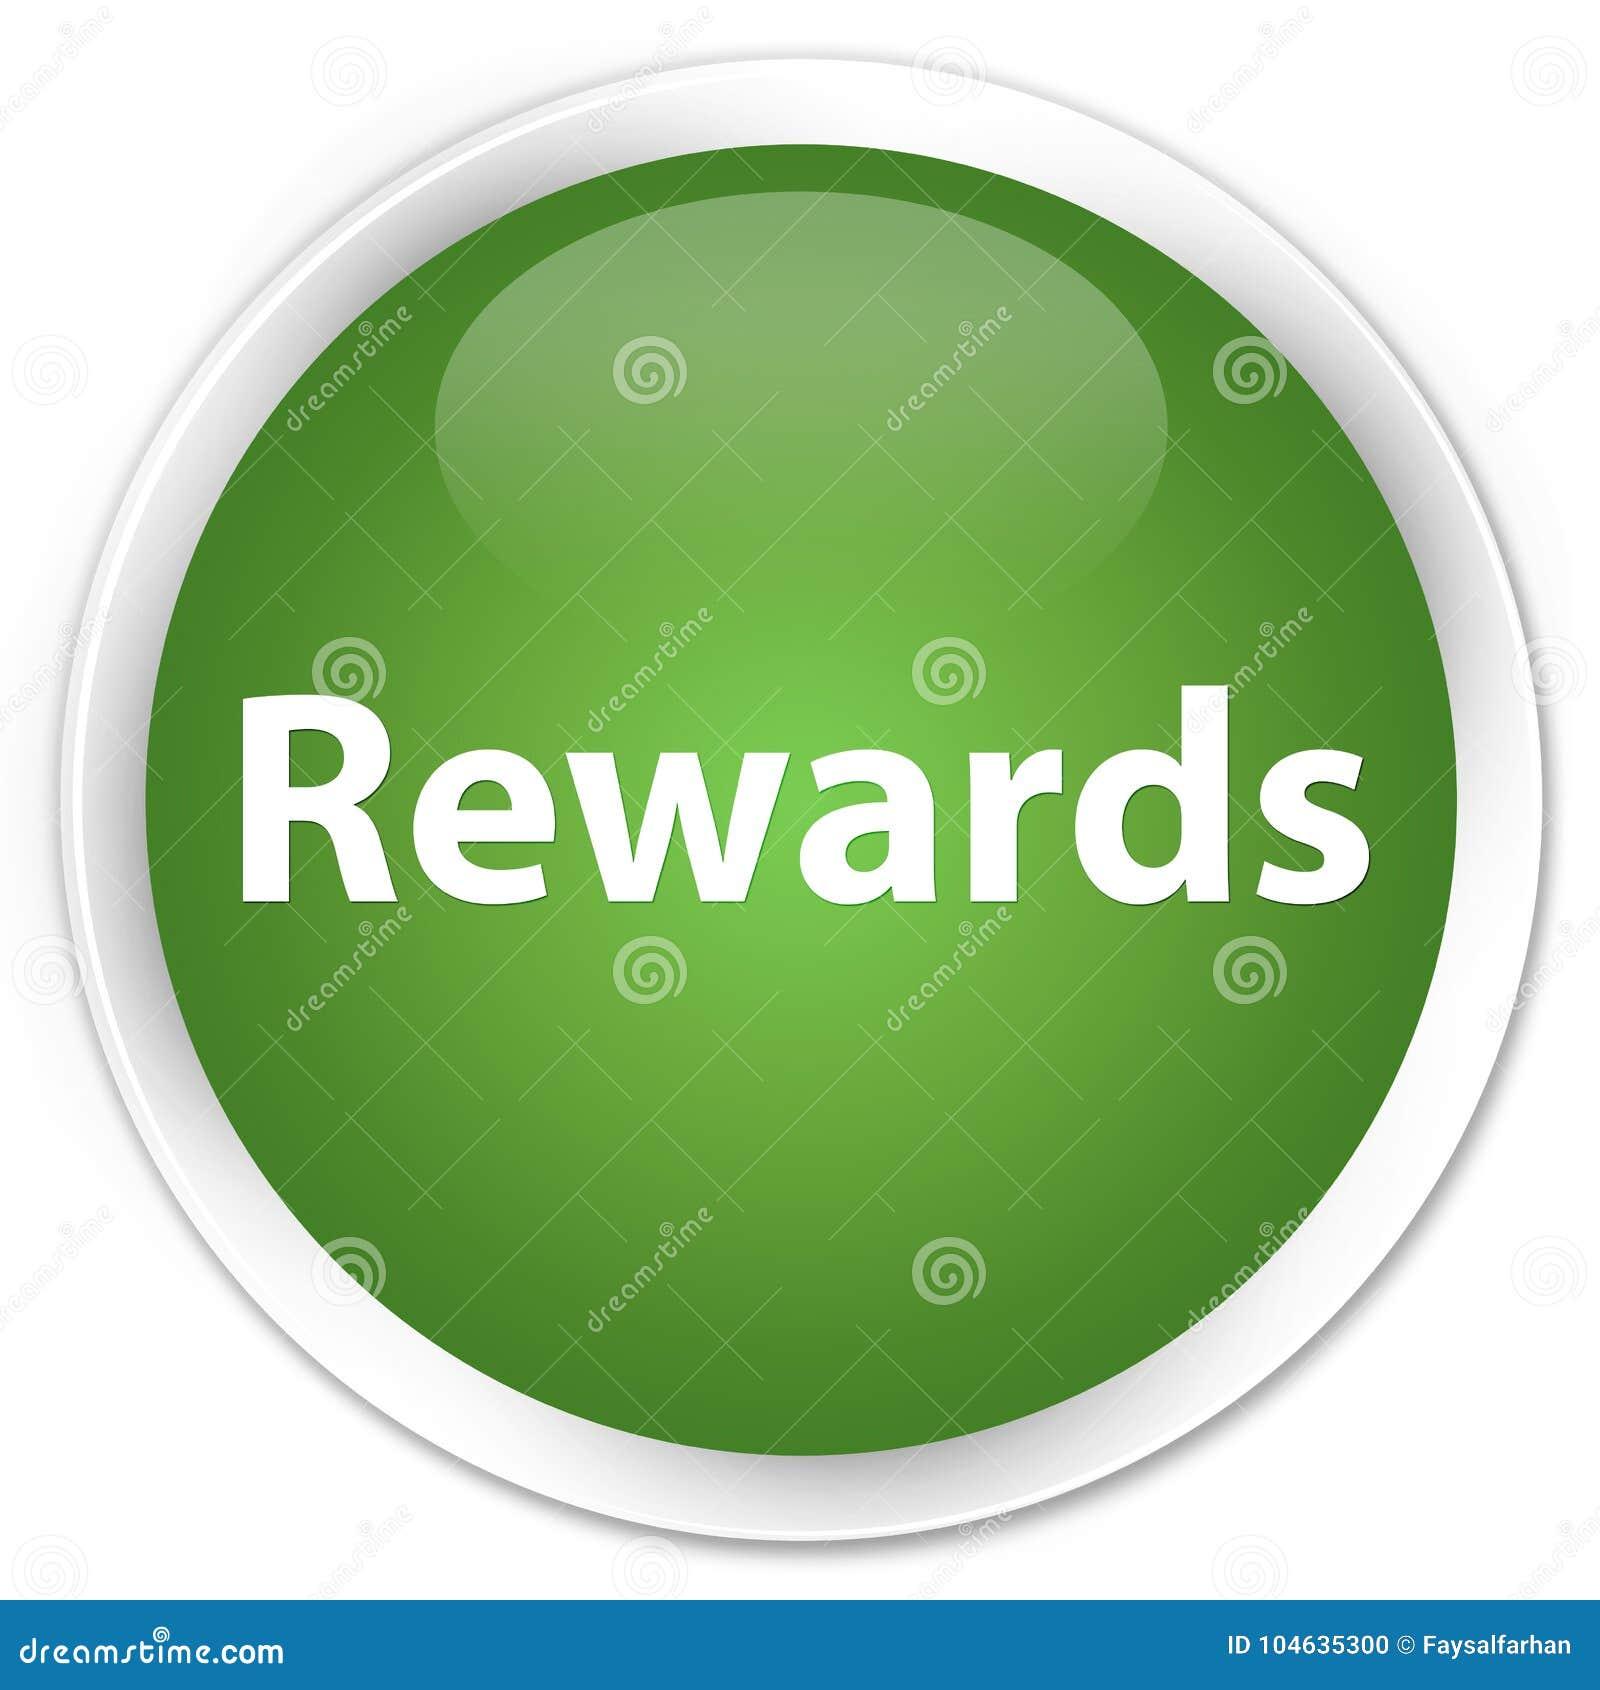 Download De Zachte Groene Ronde Knoop Van De Beloningenpremie Stock Illustratie - Illustratie bestaande uit premie, toekenning: 104635300